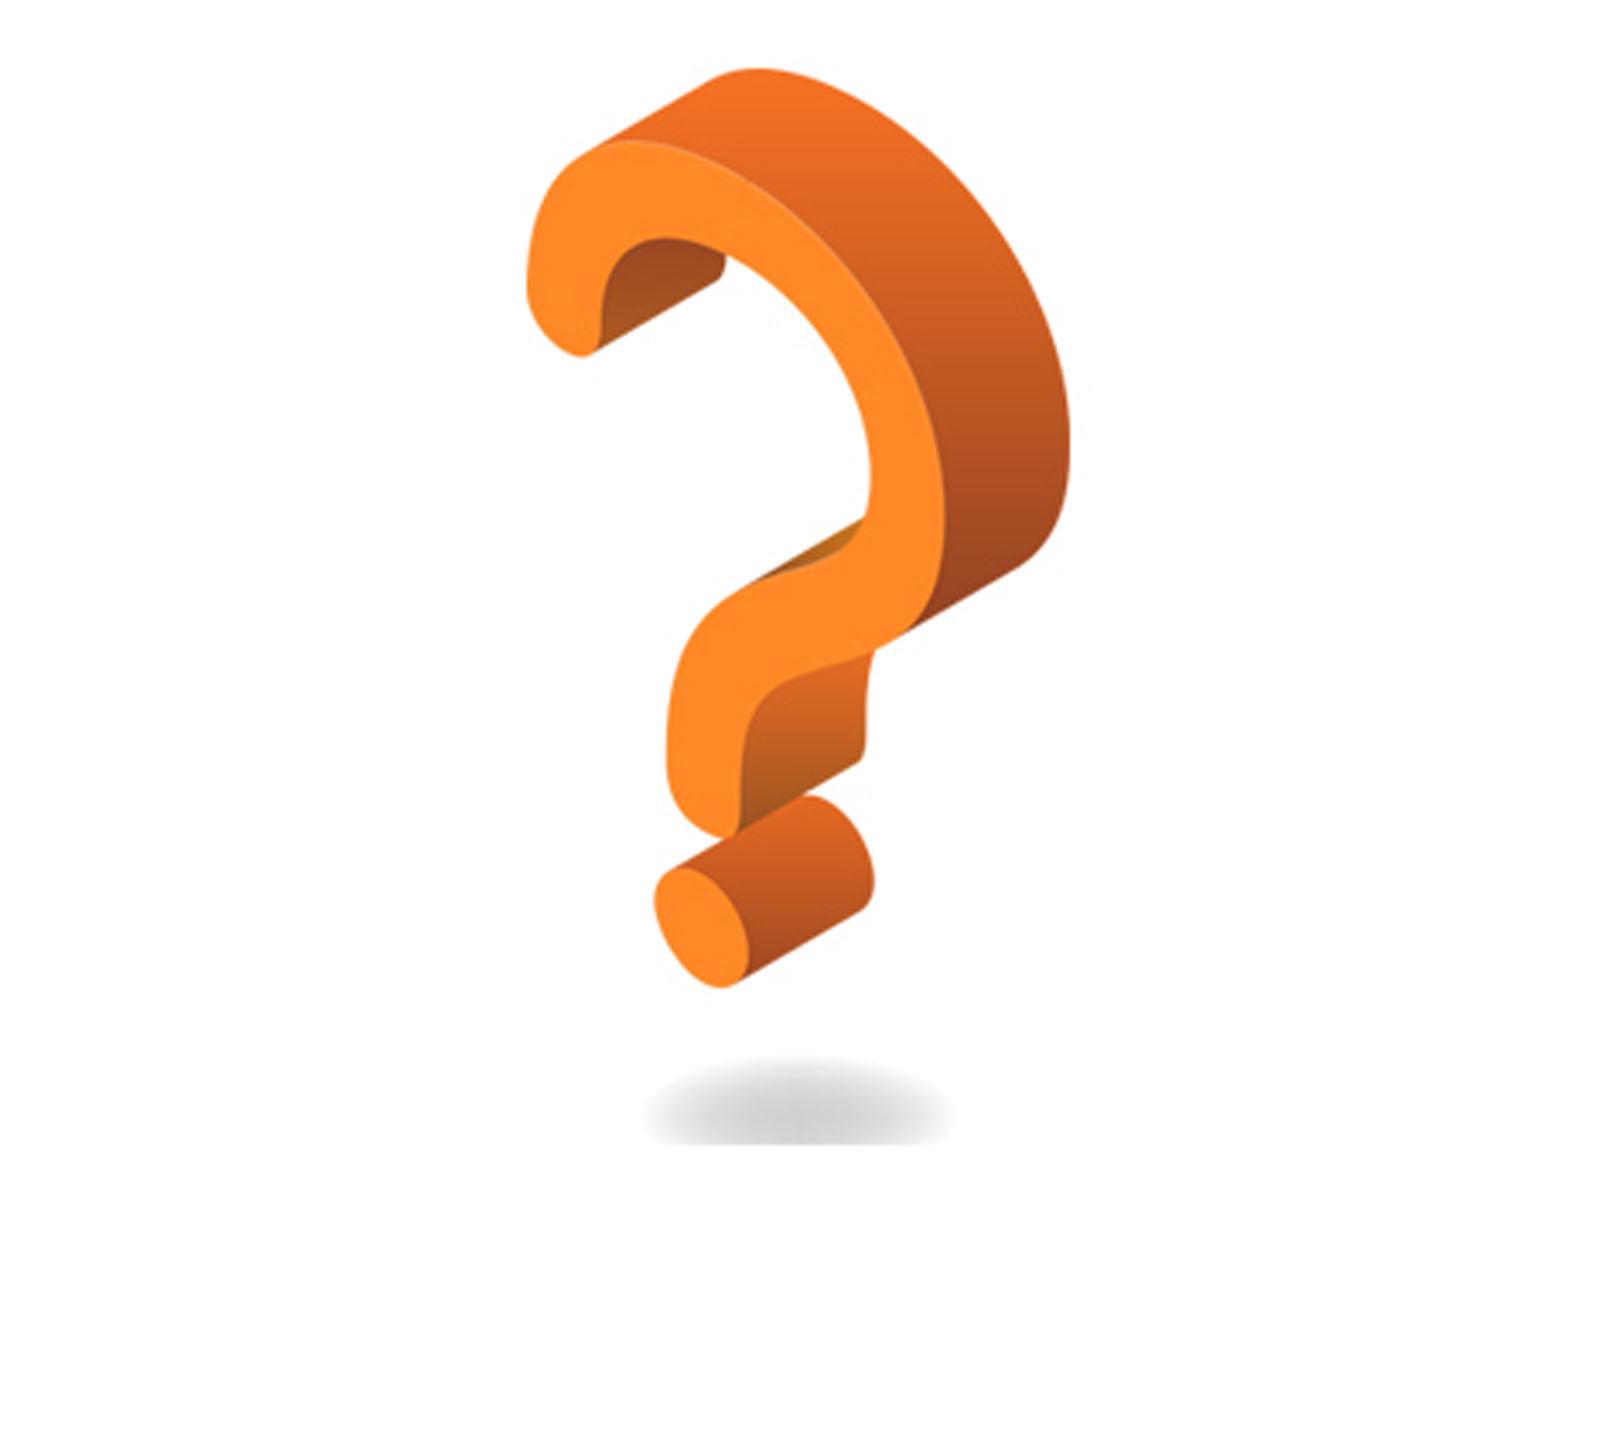 DOANH NGHIỆP CỦA BẠN ĐANG GẶP PHẢI VẤN ĐỀ MARKETING?